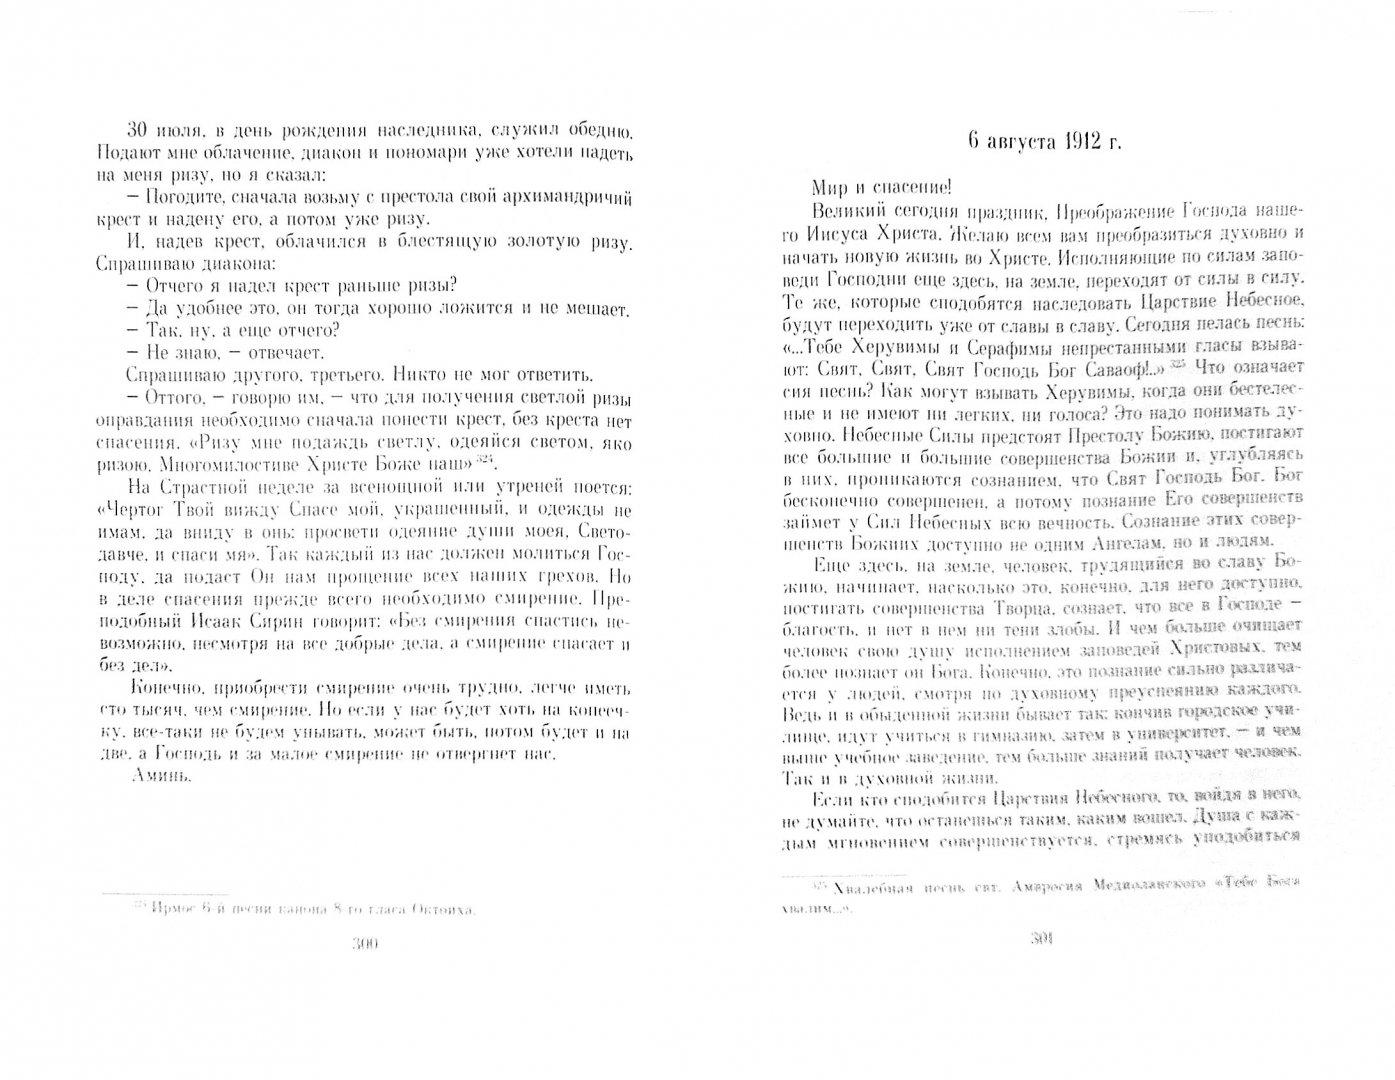 Иллюстрация 1 из 39 для Преподобный Варсонофий Оптинский. Беседы. Келейные записки. Духовные стихотворения. Воспоминания - Варсонофий Преподобный | Лабиринт - книги. Источник: Лабиринт